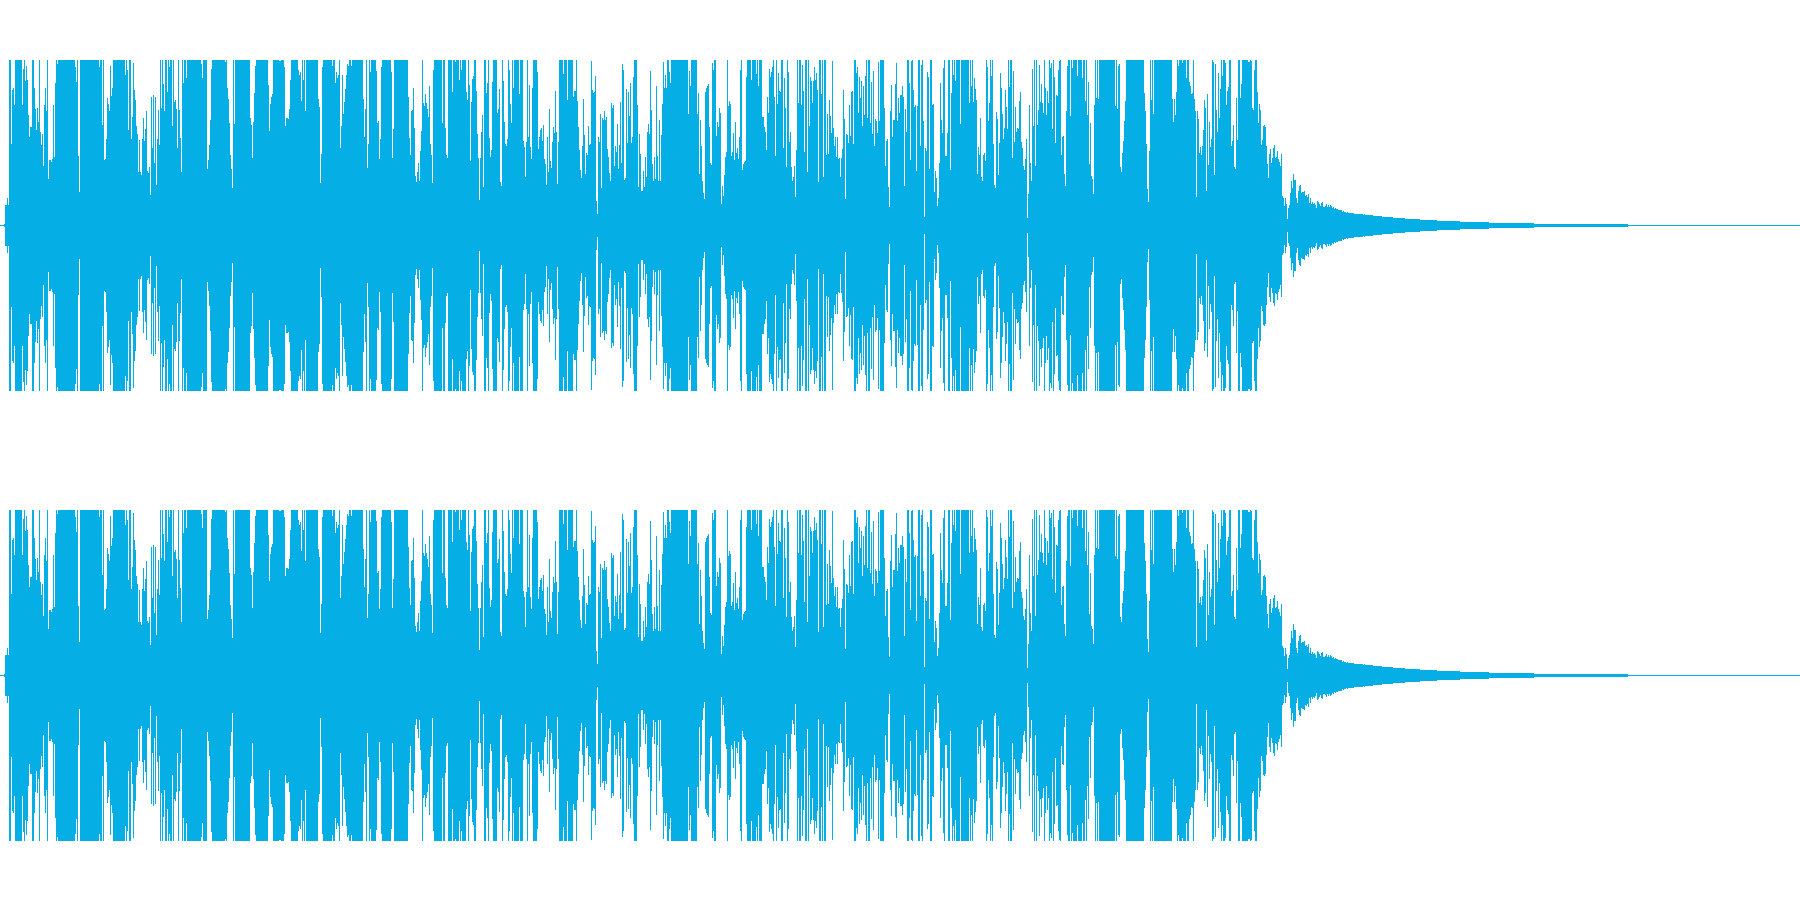 ズバッと斬る_08(刀・刺す・斬撃系)の再生済みの波形